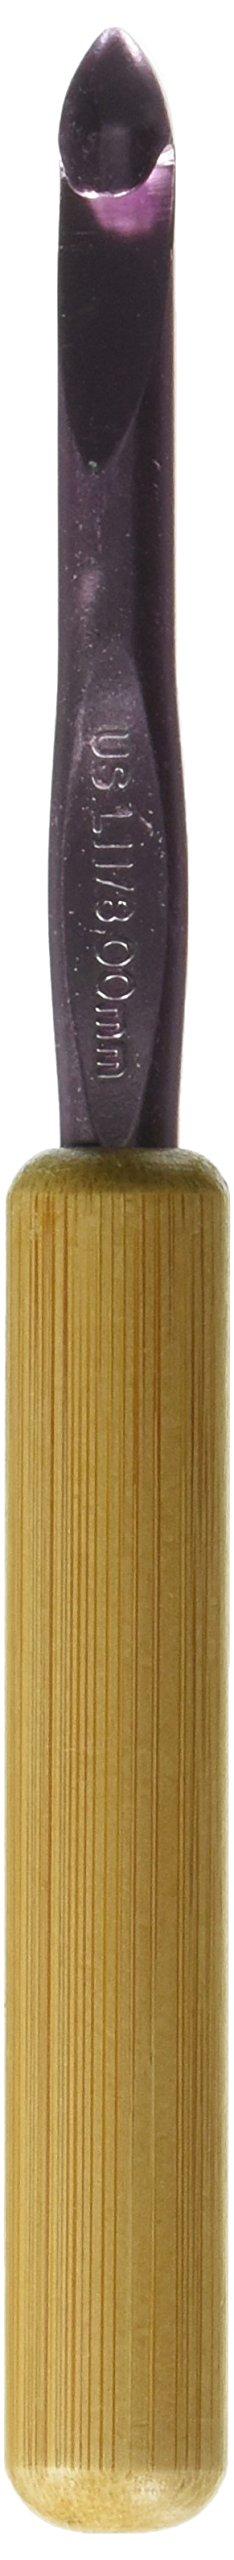 Susan Bates - Aguja de Crochet con mango de bambú de (48QW)